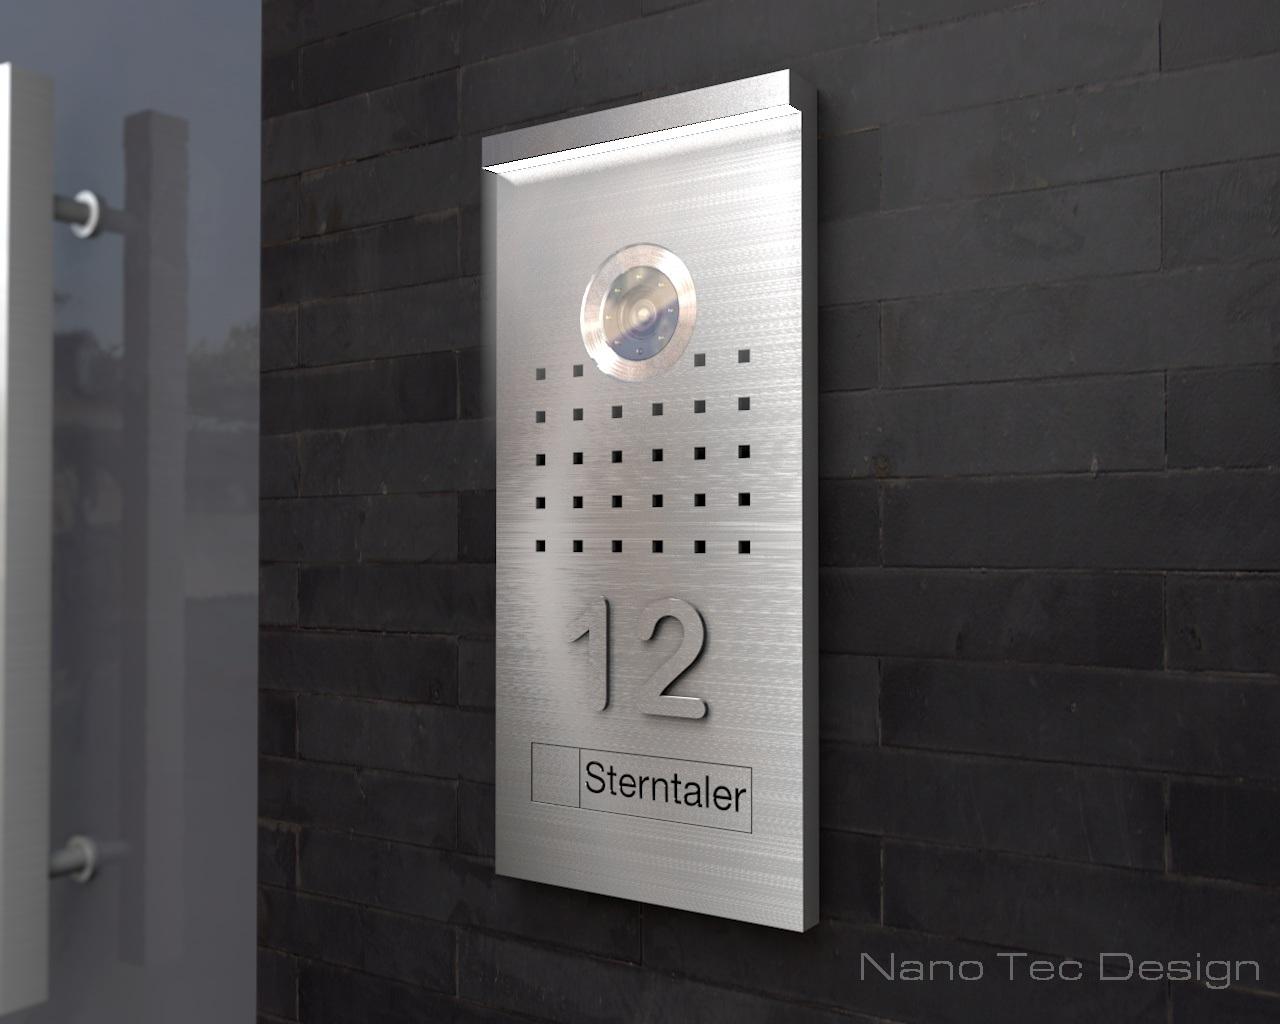 video t rsprechanlagen video t rsprechanlage 12 5x27cm. Black Bedroom Furniture Sets. Home Design Ideas